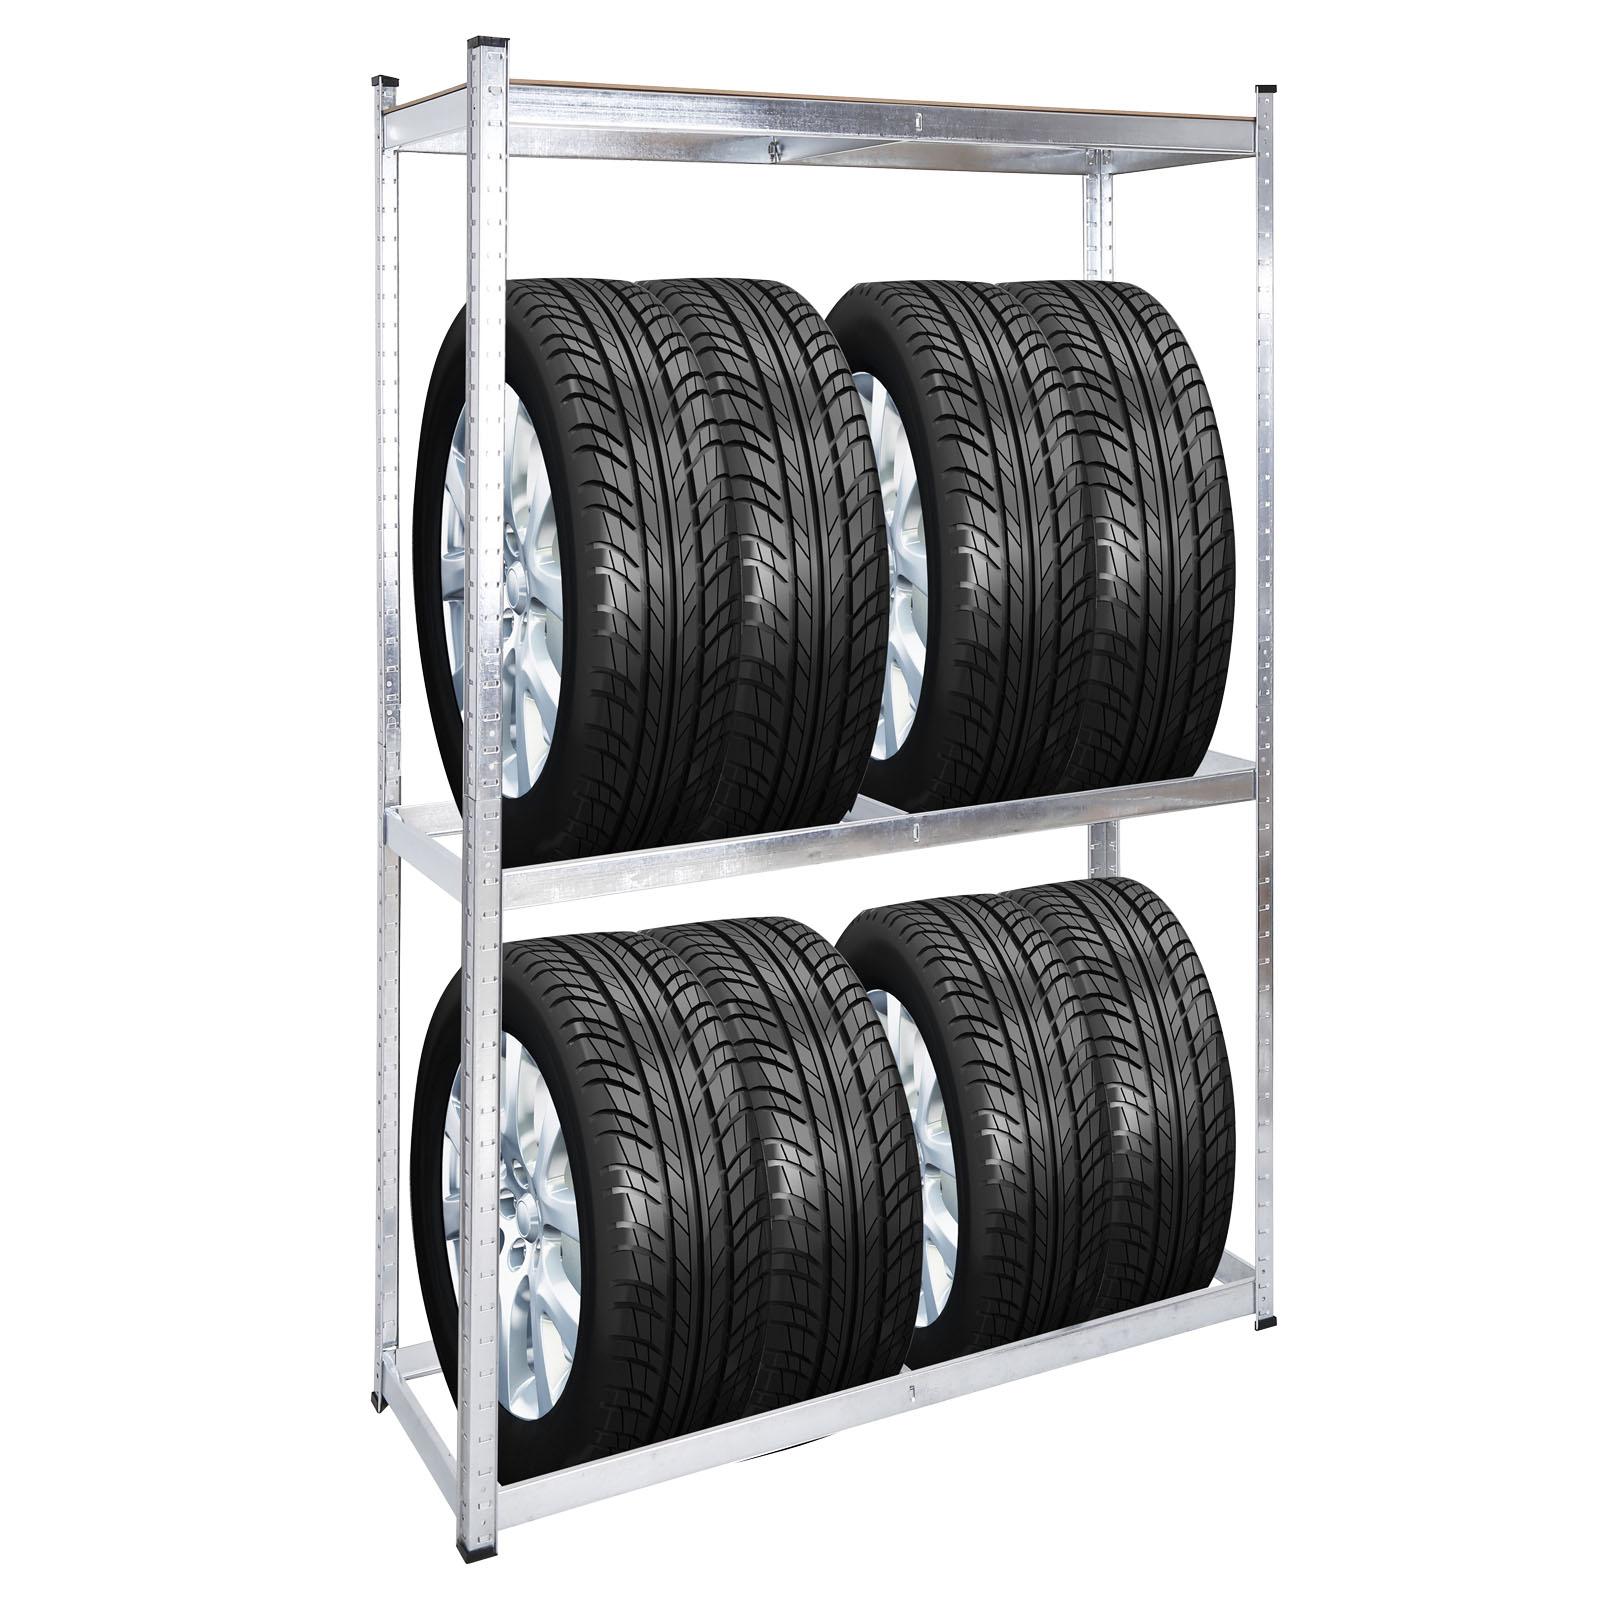 für 16 Reifen Felgenbaum Reifenständer SET 2x Reifenregal Werkstattregal